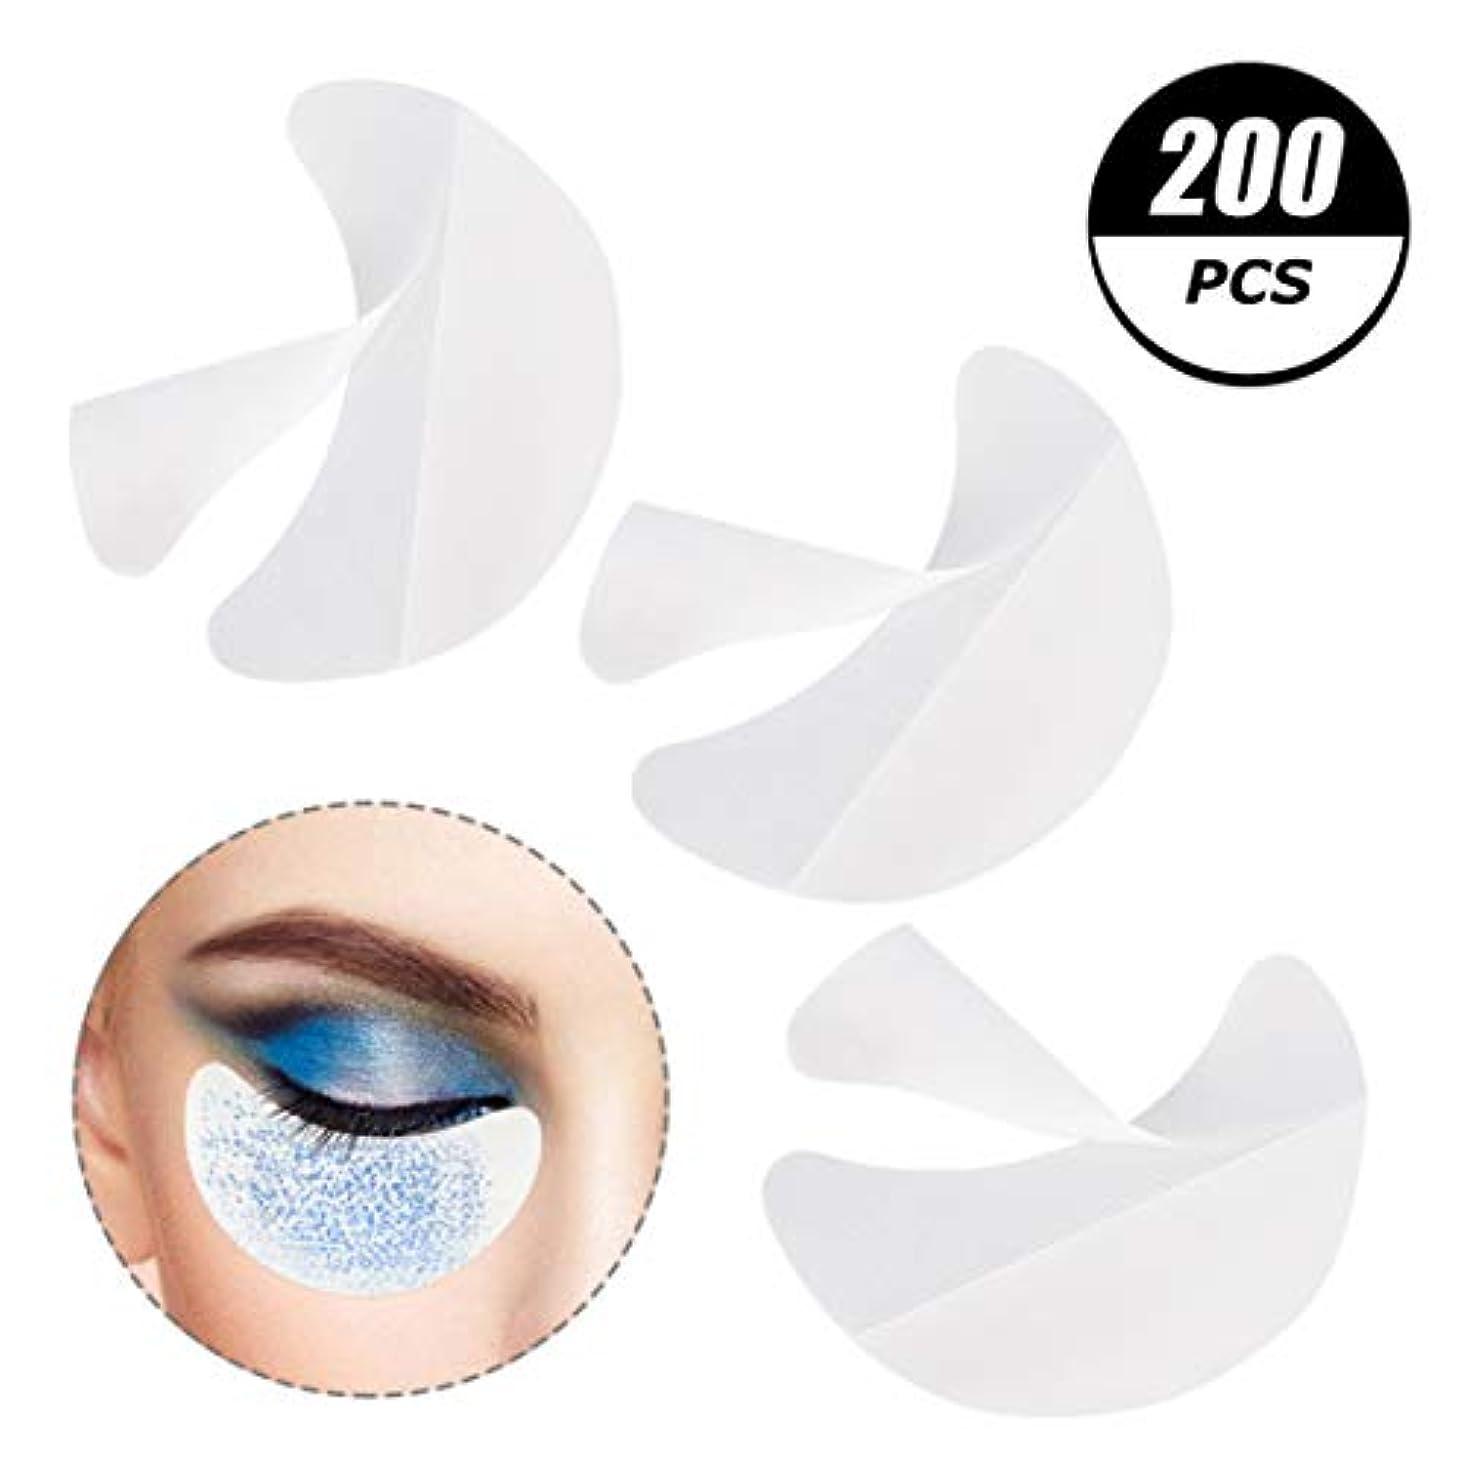 エンゲージメント病な貴重なQuzama-JS アイシャドー拡大、色合いと唇化粧残渣化粧品ツールを防止するためにアイシャドーシールドアイシャドーステンシル